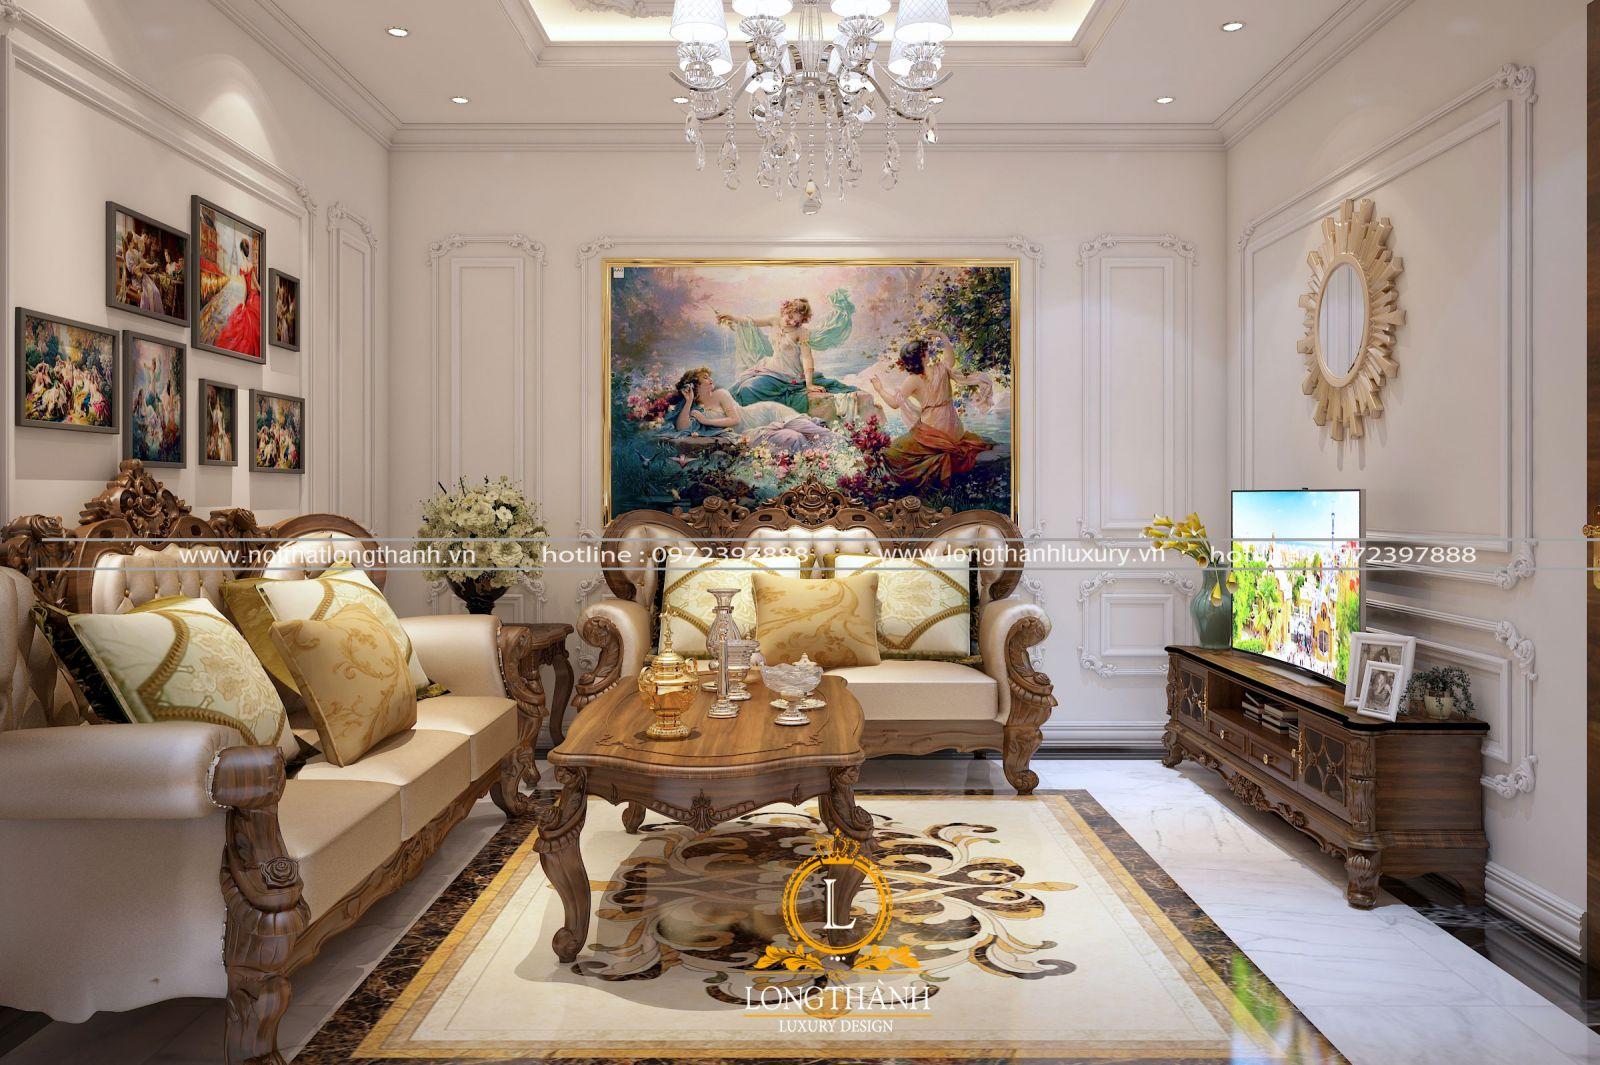 Nội thất phòng khách tân cổ điển chung cư rộng